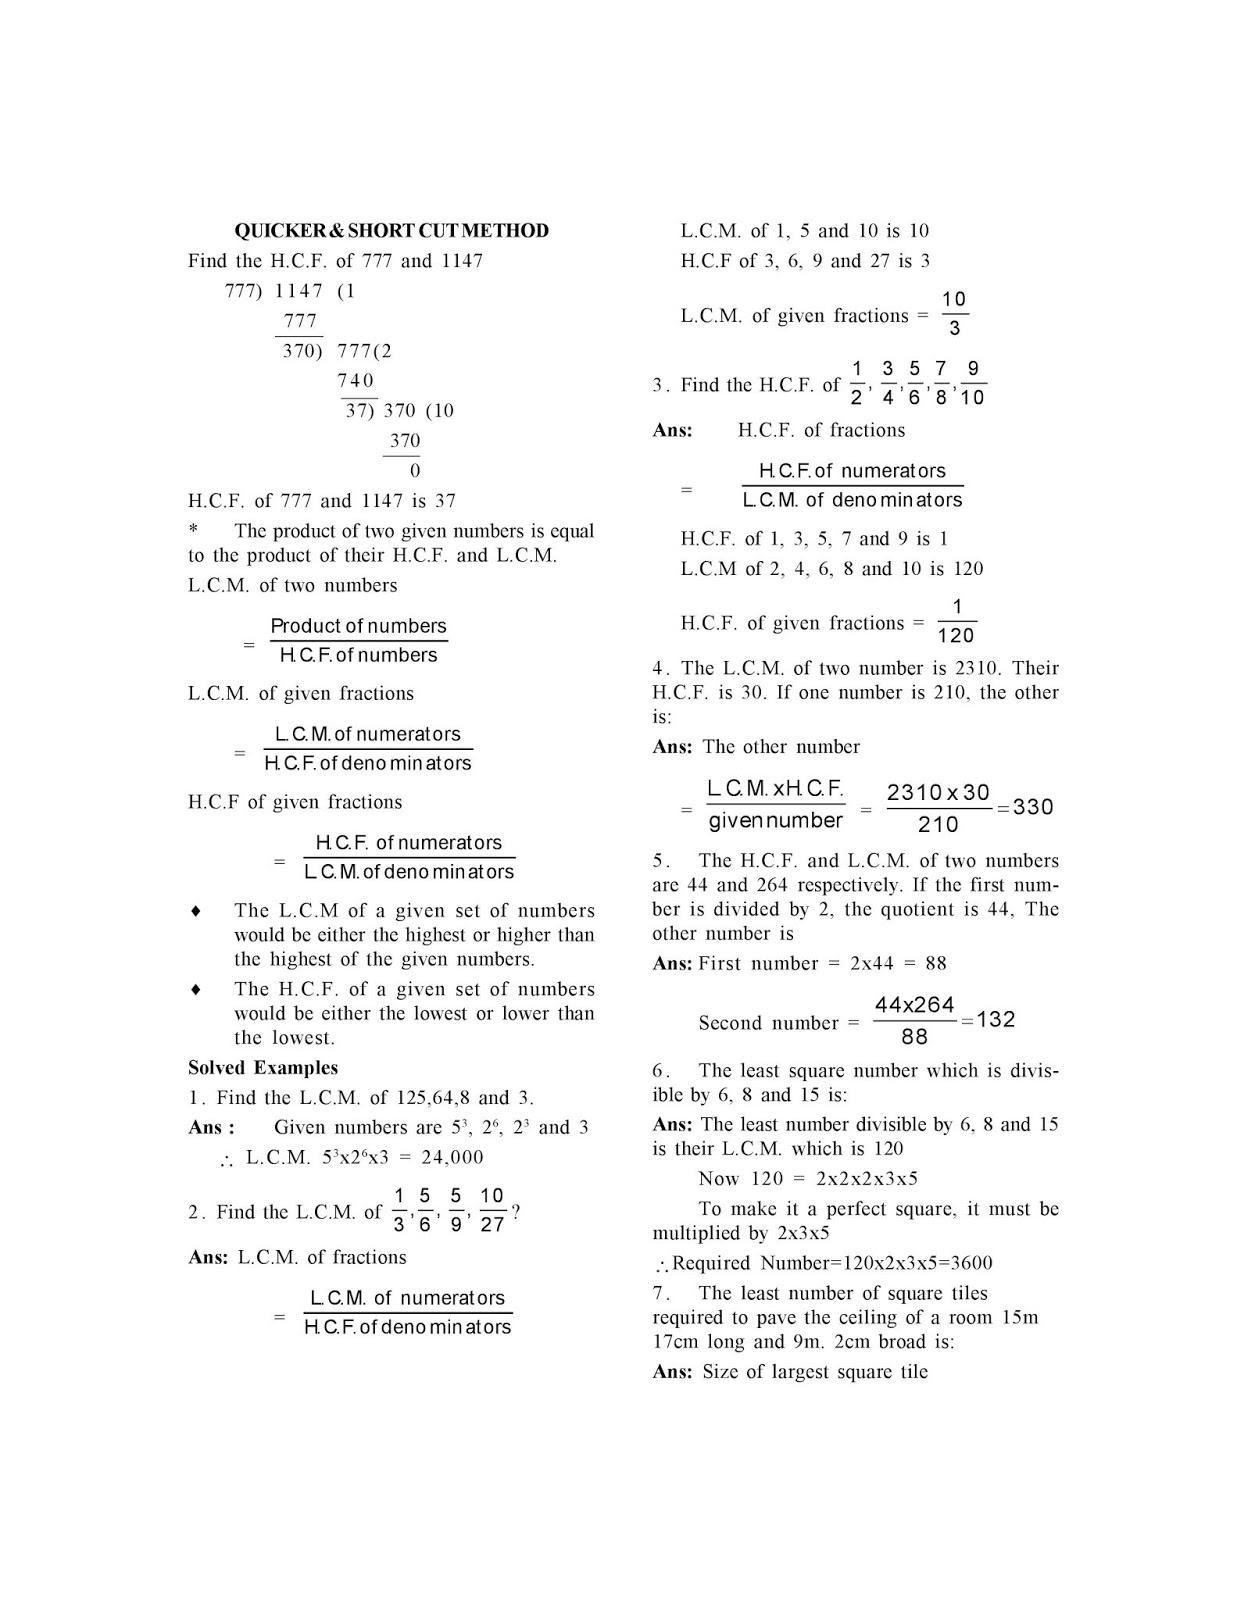 April 15 Mathematics No Comments